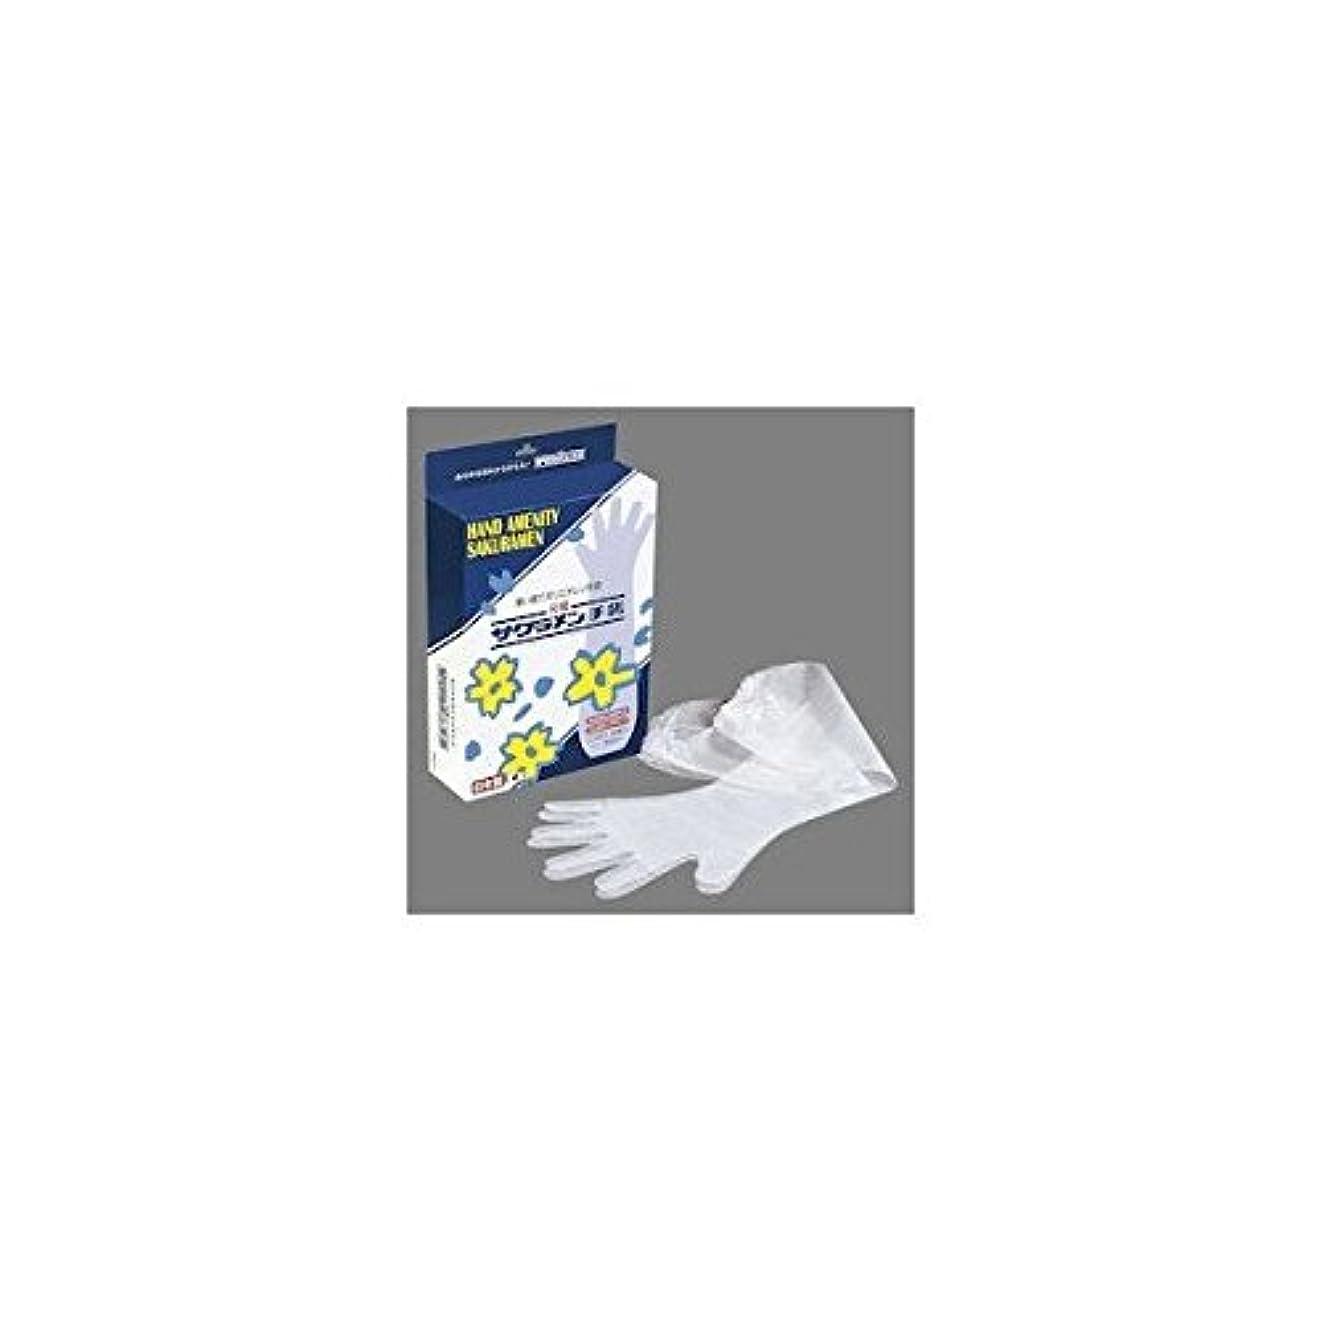 信頼性礼儀簡単にサクラメン ゴム付ロング手袋(30枚入)40μ